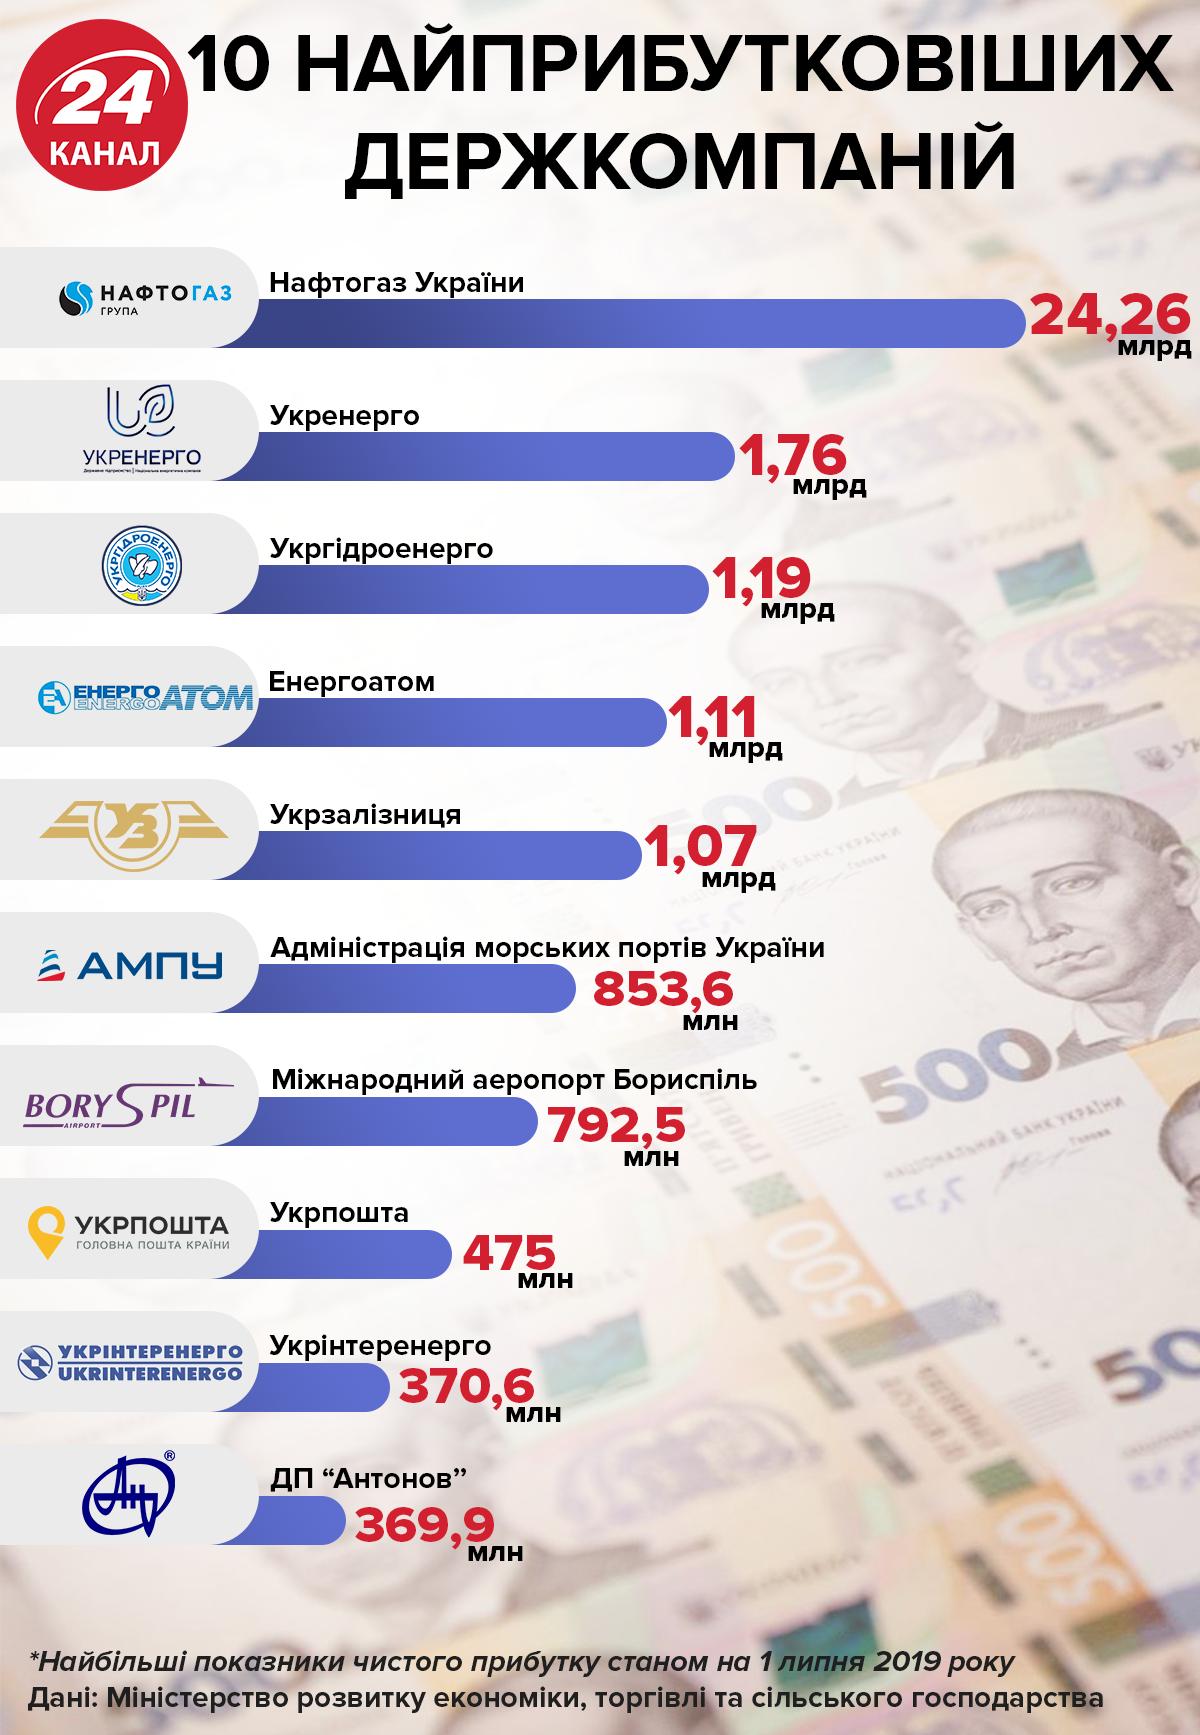 найприбутковіші державні компанії України Укрзалізниця